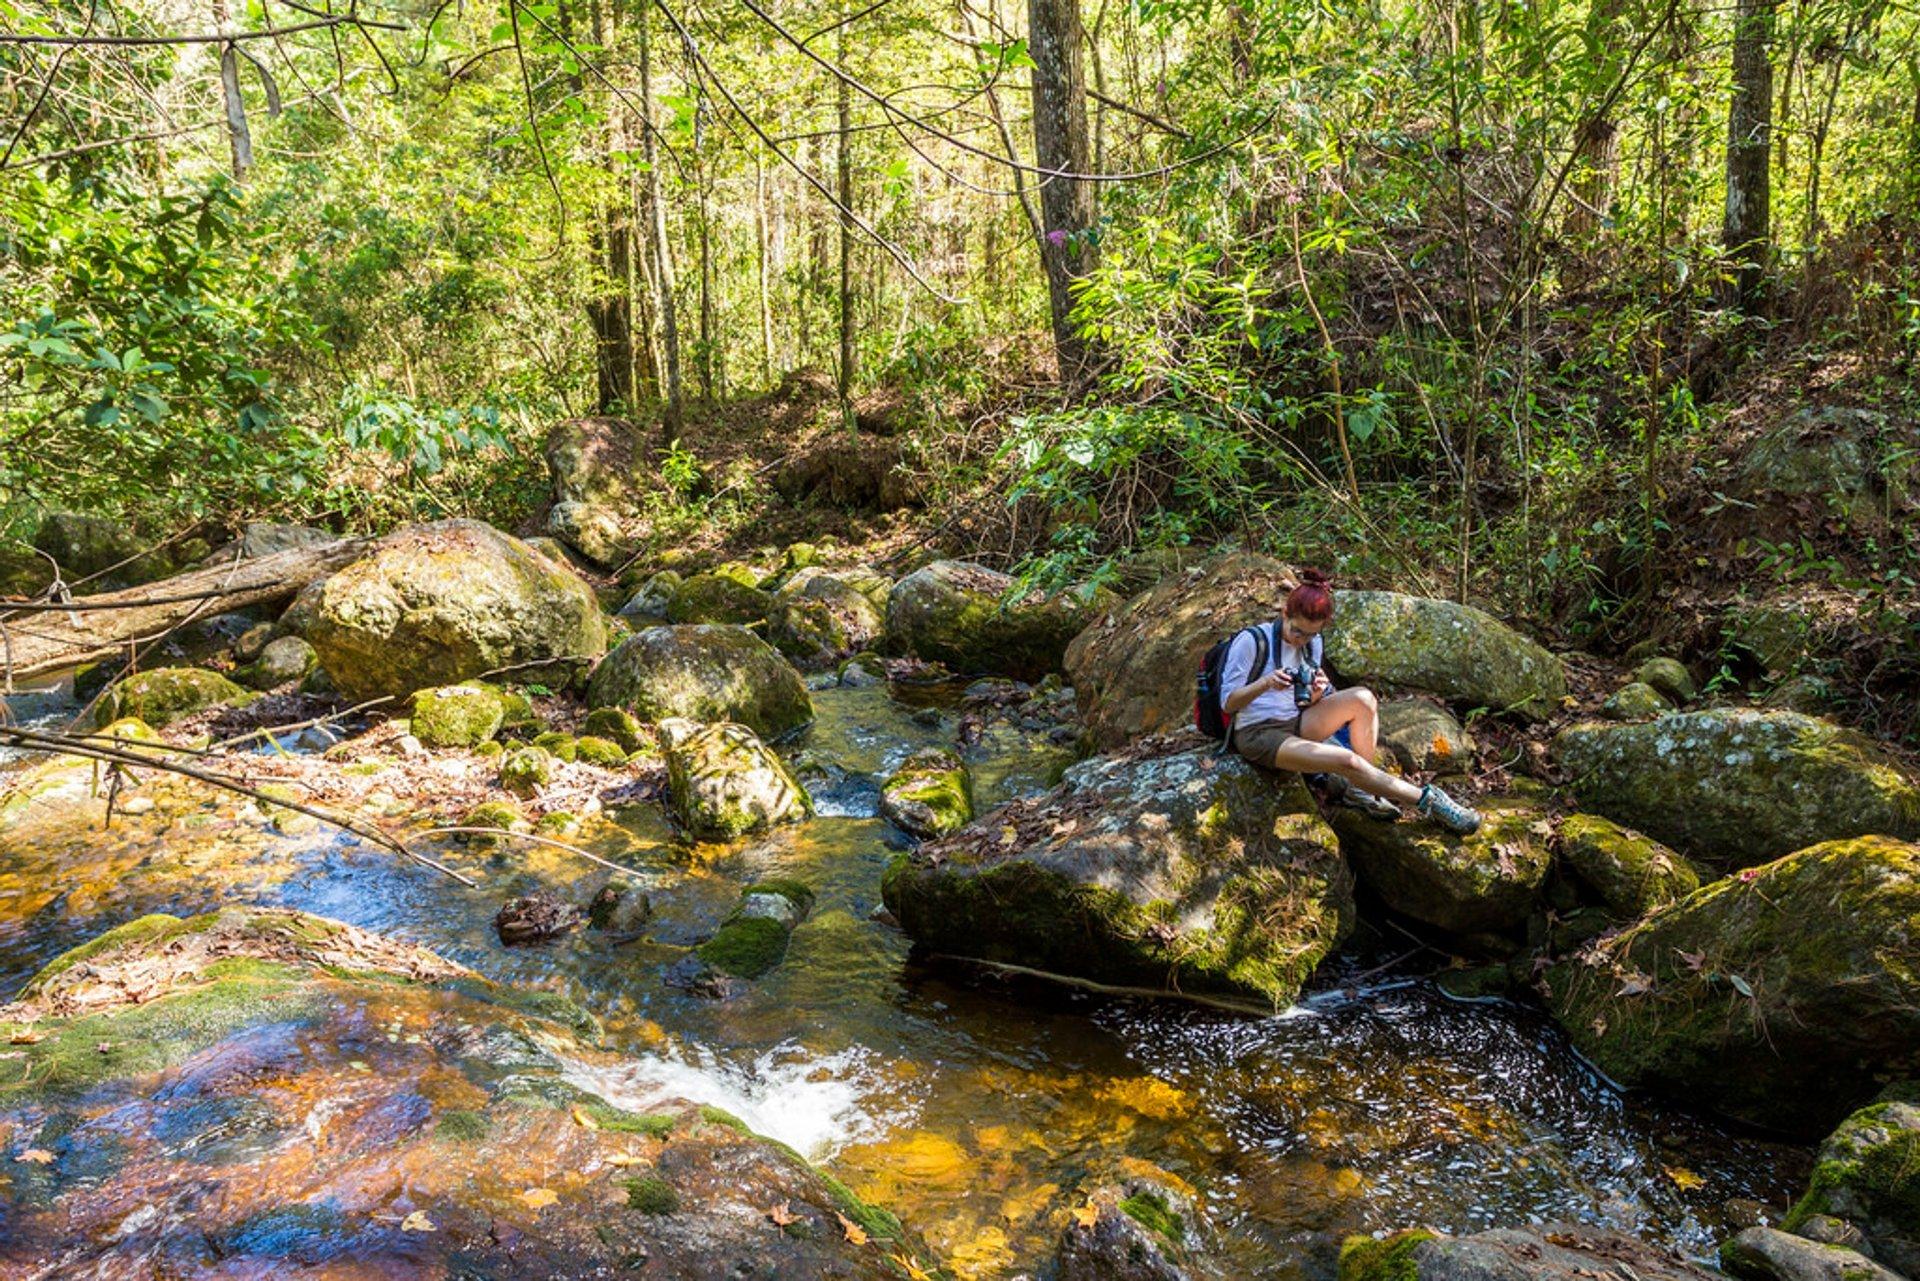 Hiking in Honduras 2020 - Best Time